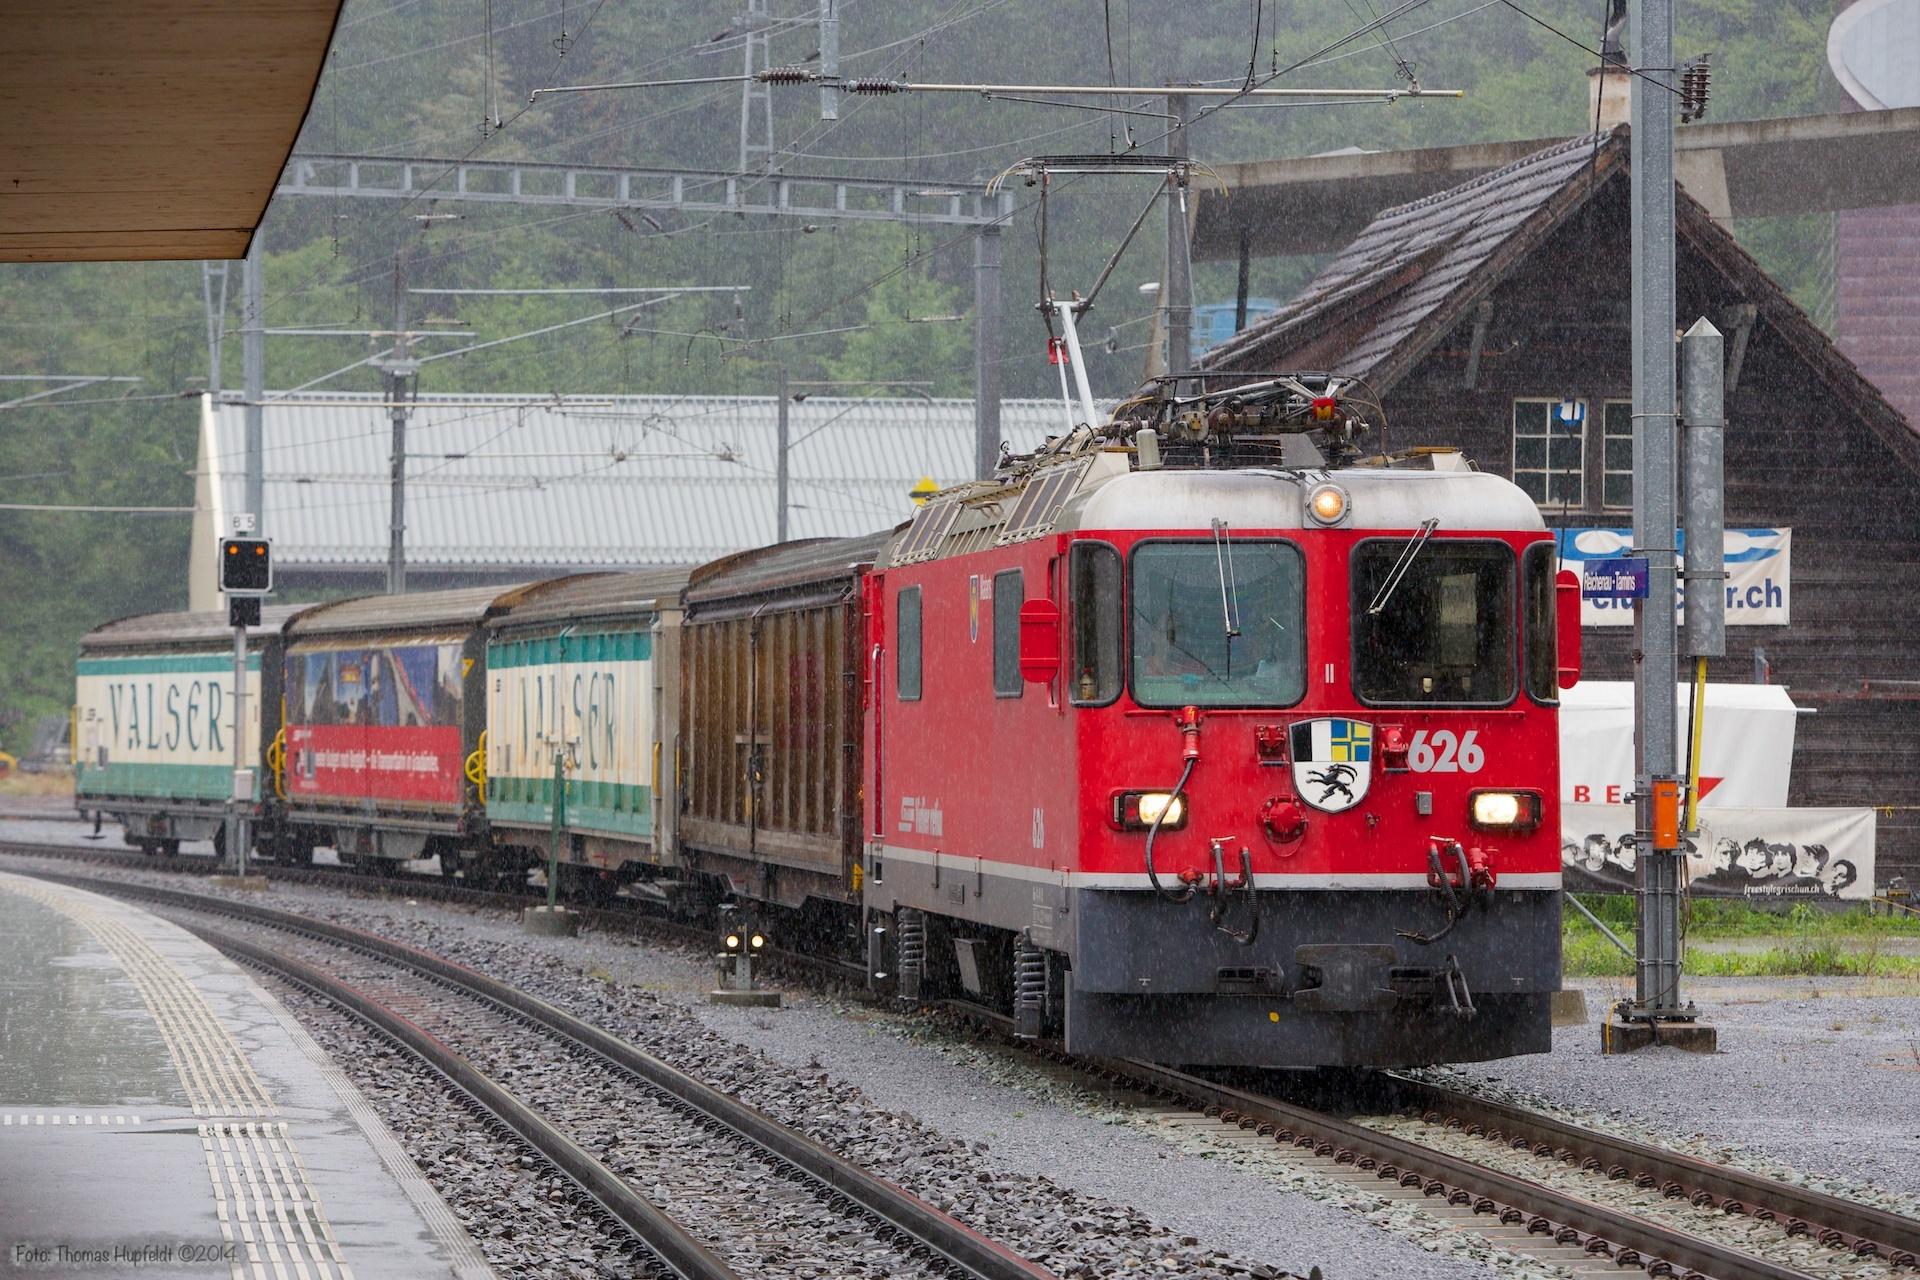 RhB Ge 4/4 II 626 med Haik-v 5119, Haik-v 5102, Haiqq-tyz 5171 og Haik-v 5123 som 5225 (Landquart-Ilanz) ved Reichenau Tamins - 13.08.2014